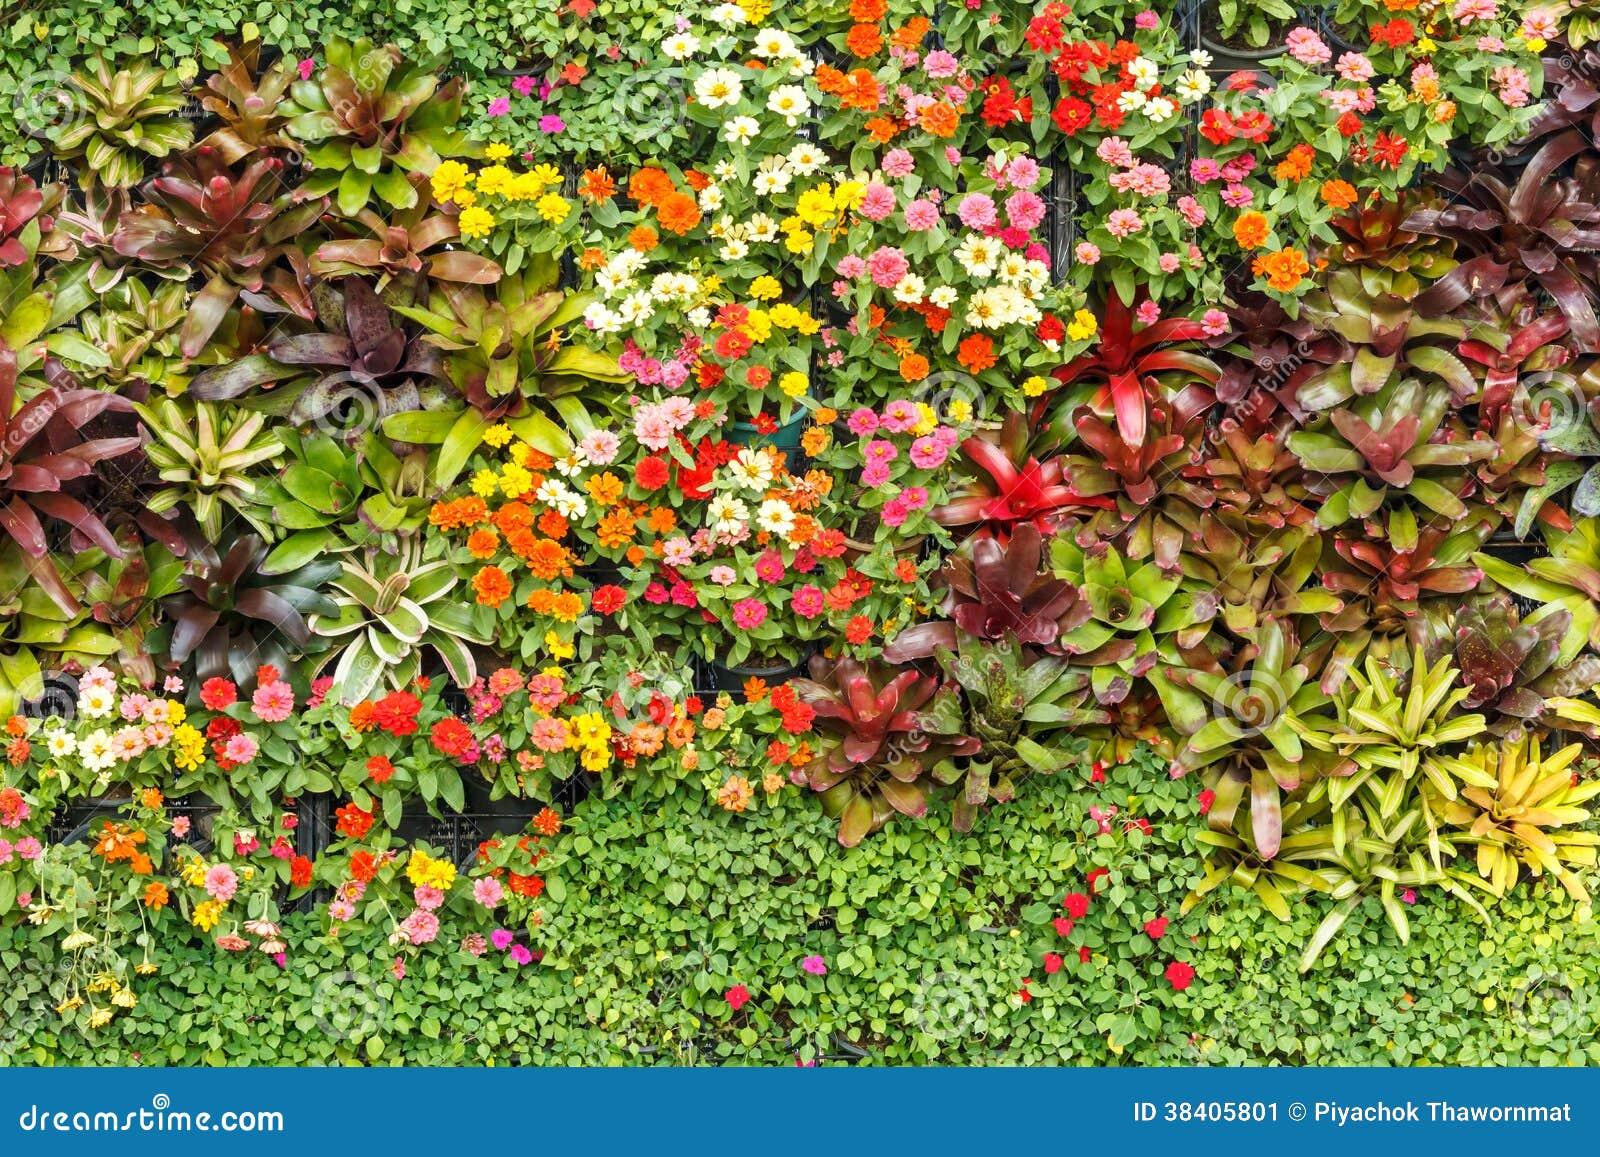 Image Result For Vertical Vegetable Garden Images